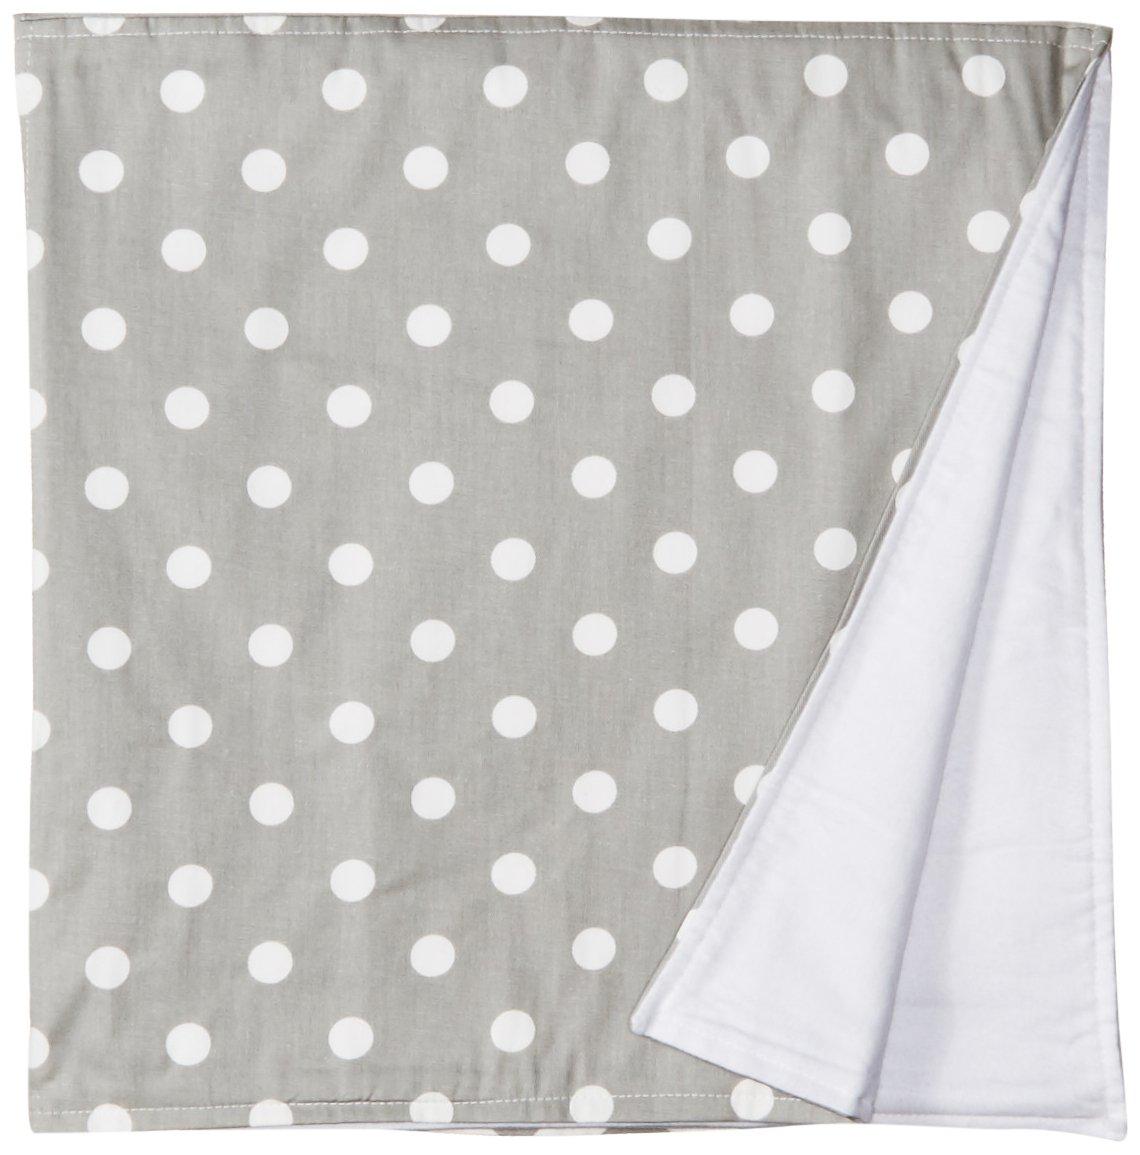 New Arrivals Zig Zag Baby Crib Blanket-White & Gray